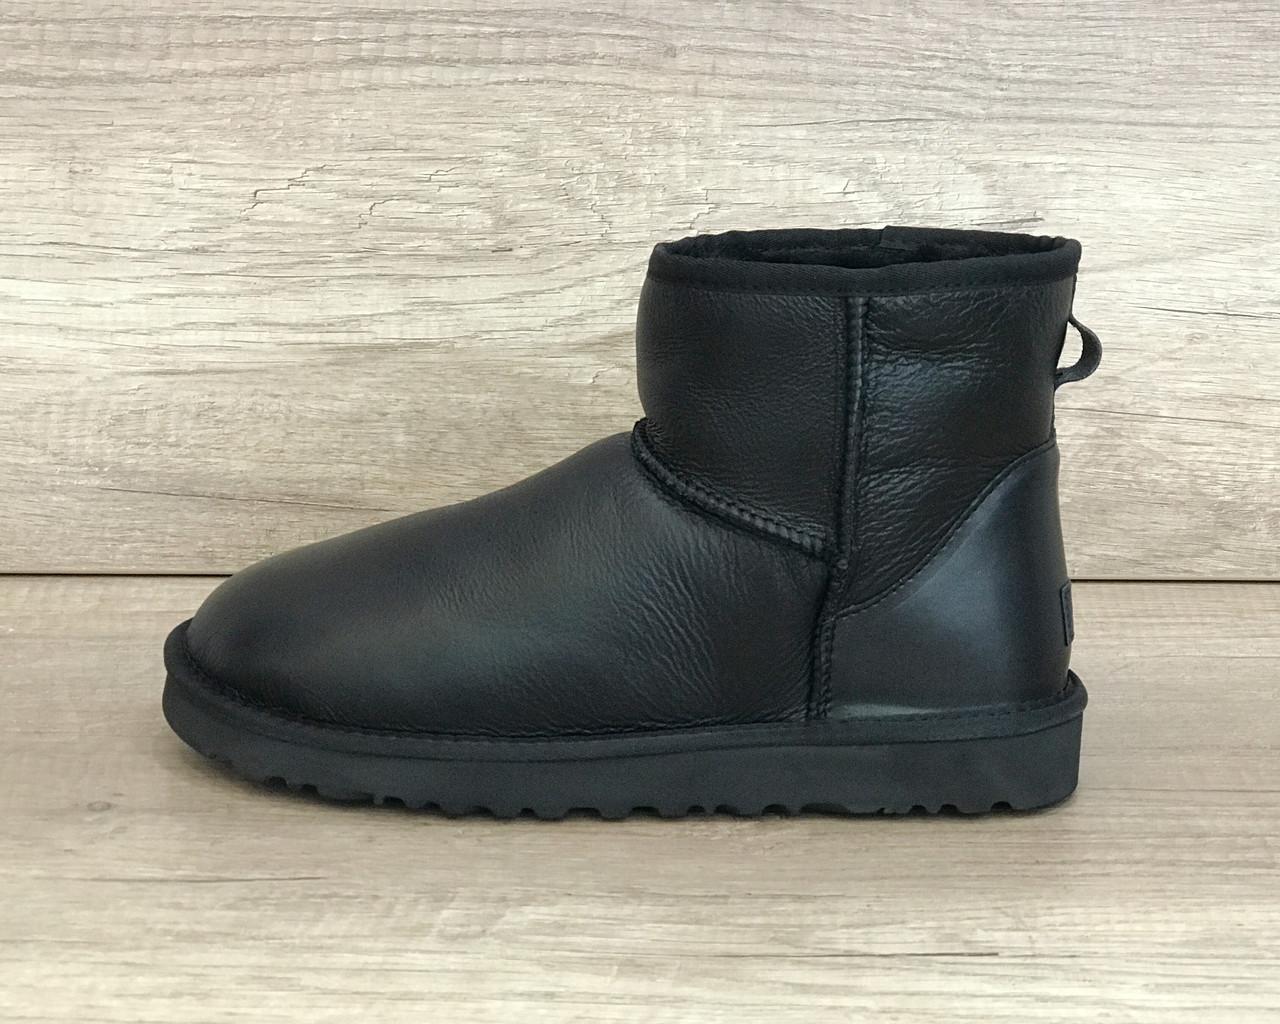 Угги мужские черные кожанные мини классик 2 UGG Men's Mini Classik II Black Leather